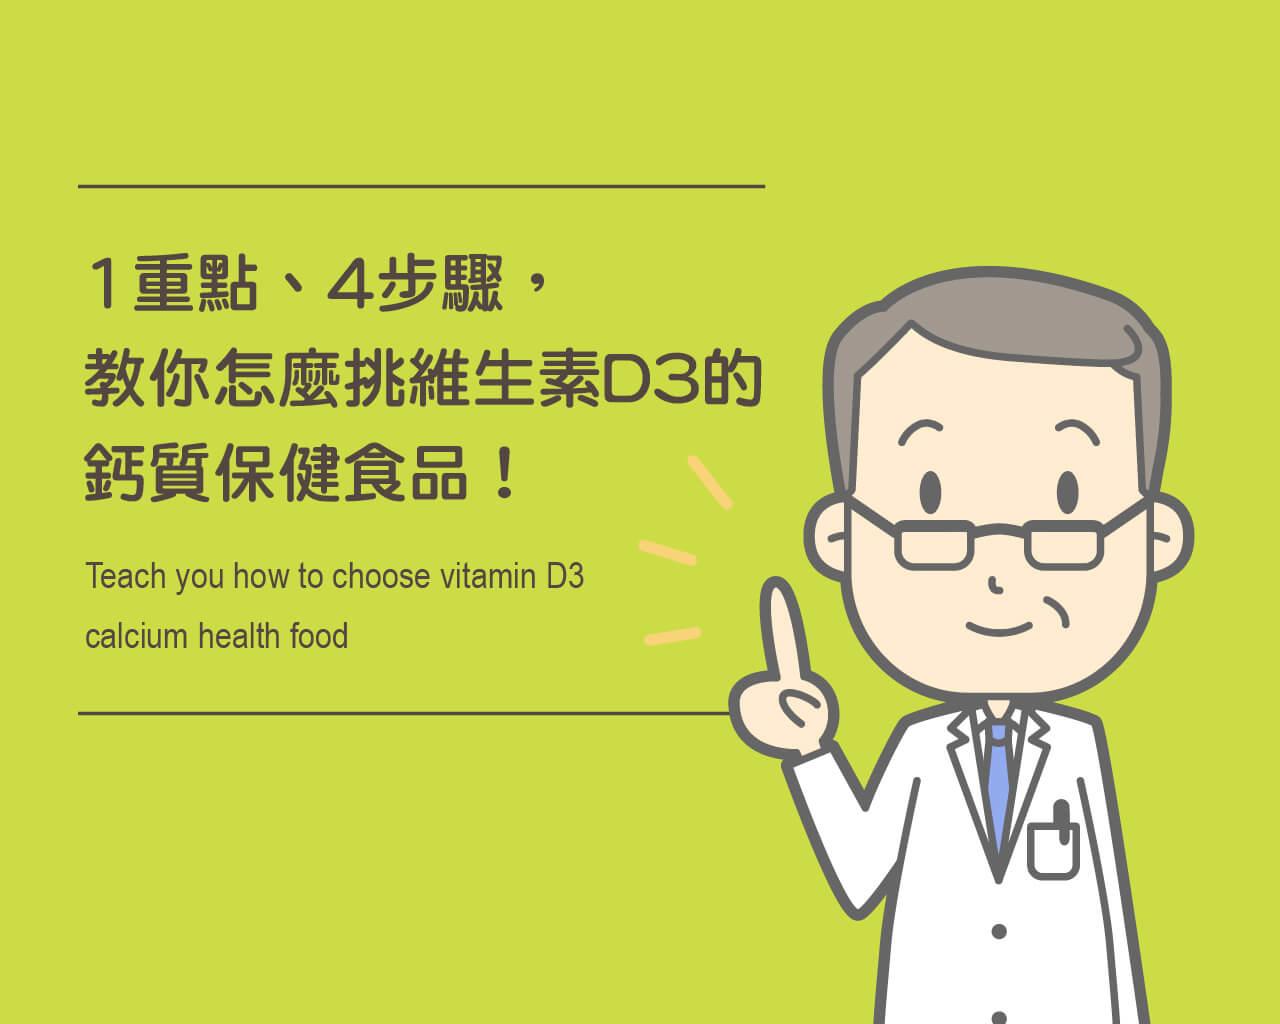 1重點,4步驟,教你怎麼挑維生素D3的鈣質保健食品|永真生技,一氧化氮的專家